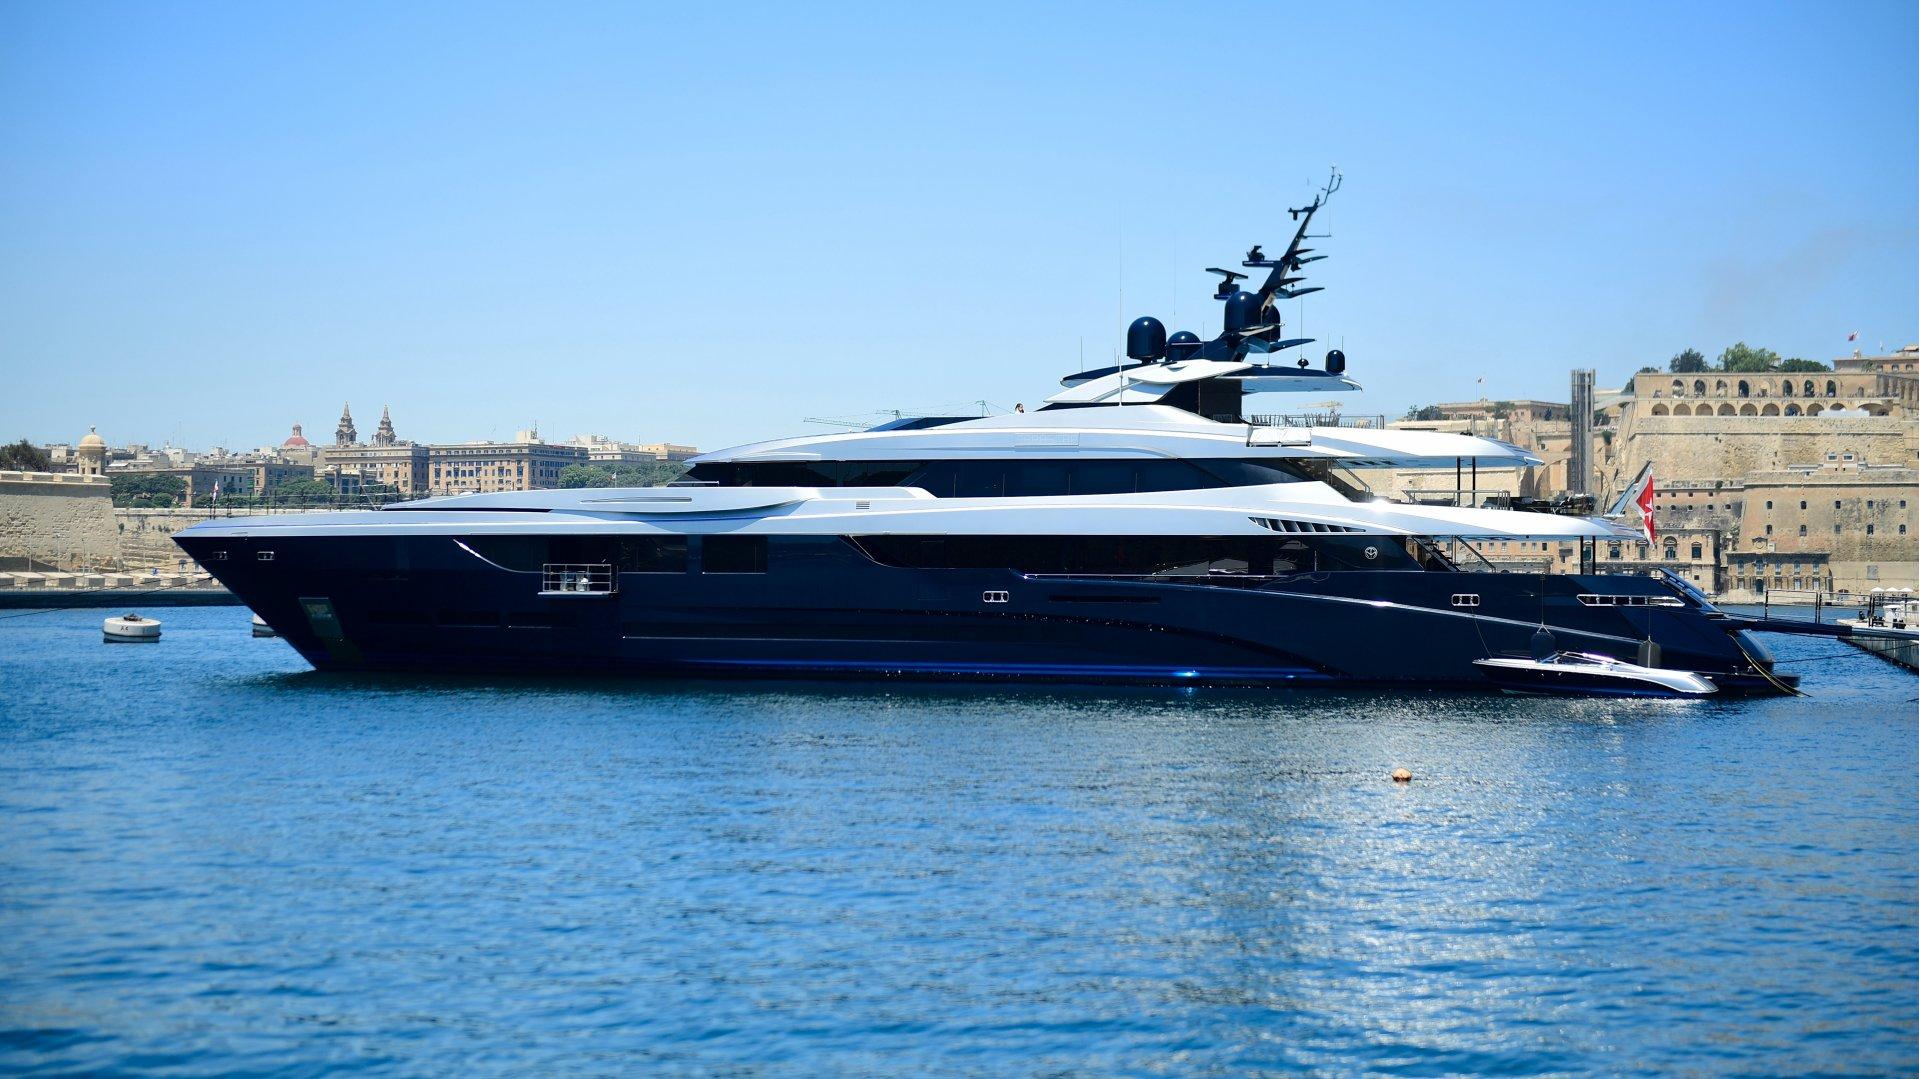 CHARTER - yacht sarastar 201802 profile 01 5a7ac7de14432 v default big 1